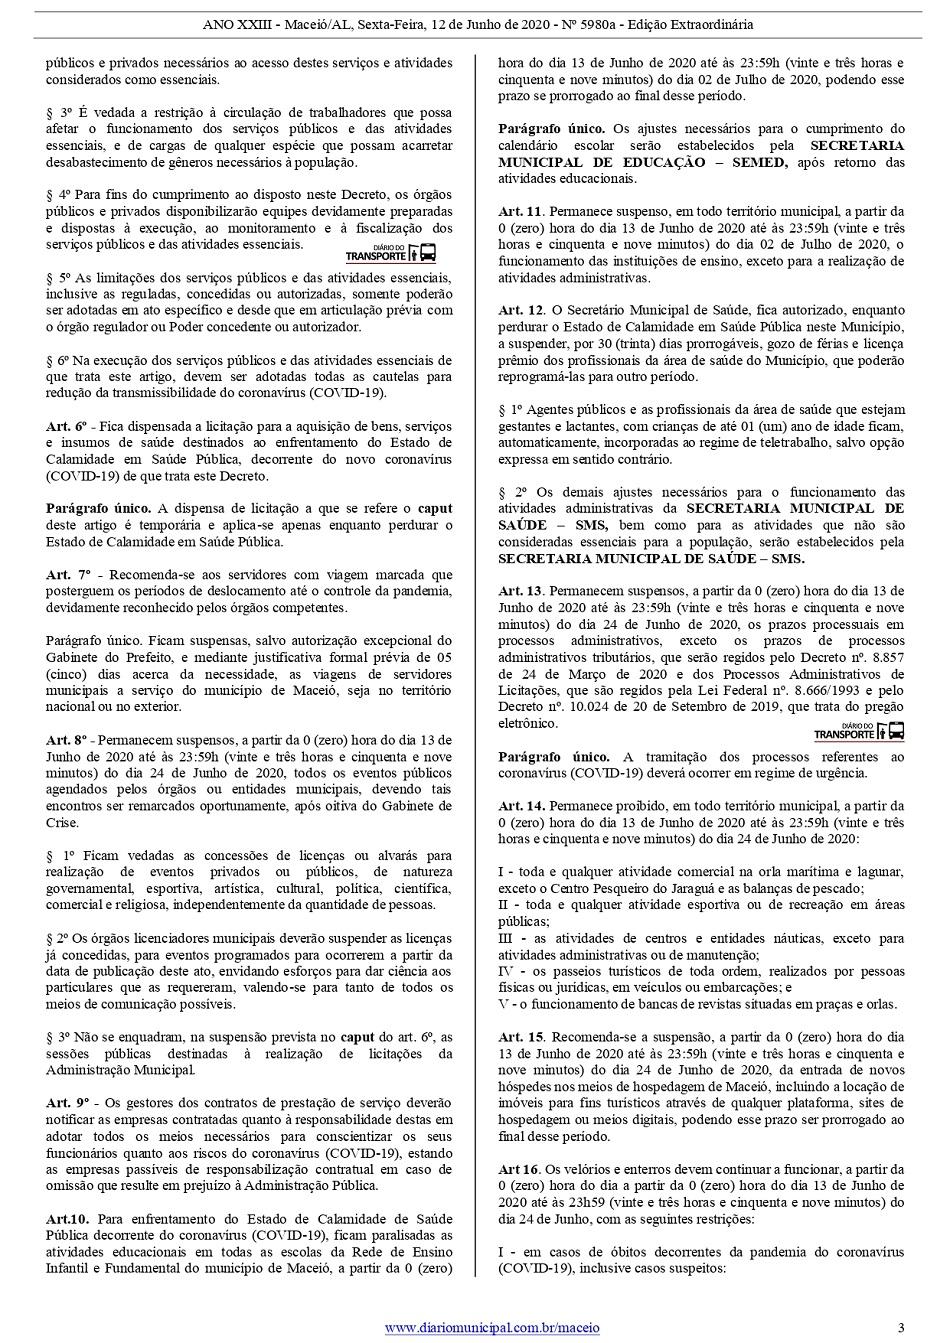 dec_8902_page-0003